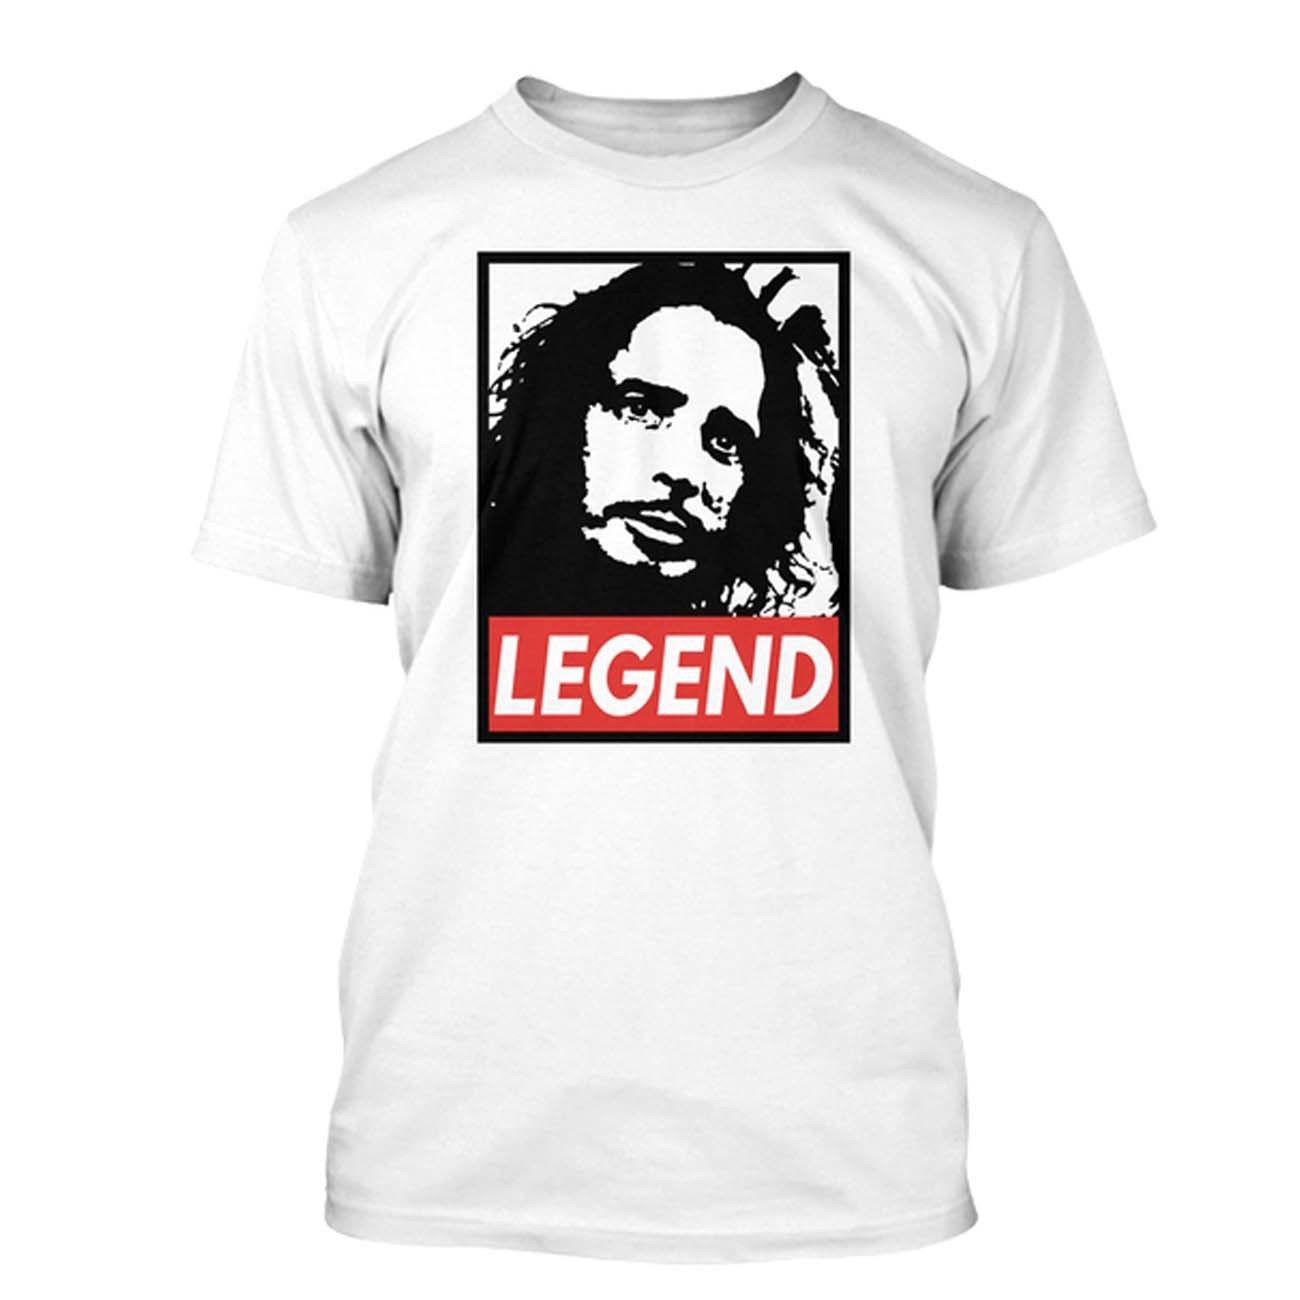 b86ec6ab82c Acheter Chris Cornell LEGEND Tee Shirt Sound Garden Audioslave Tee Shirt  Femme Taille S À XL De  11.01 Du Moonprinted